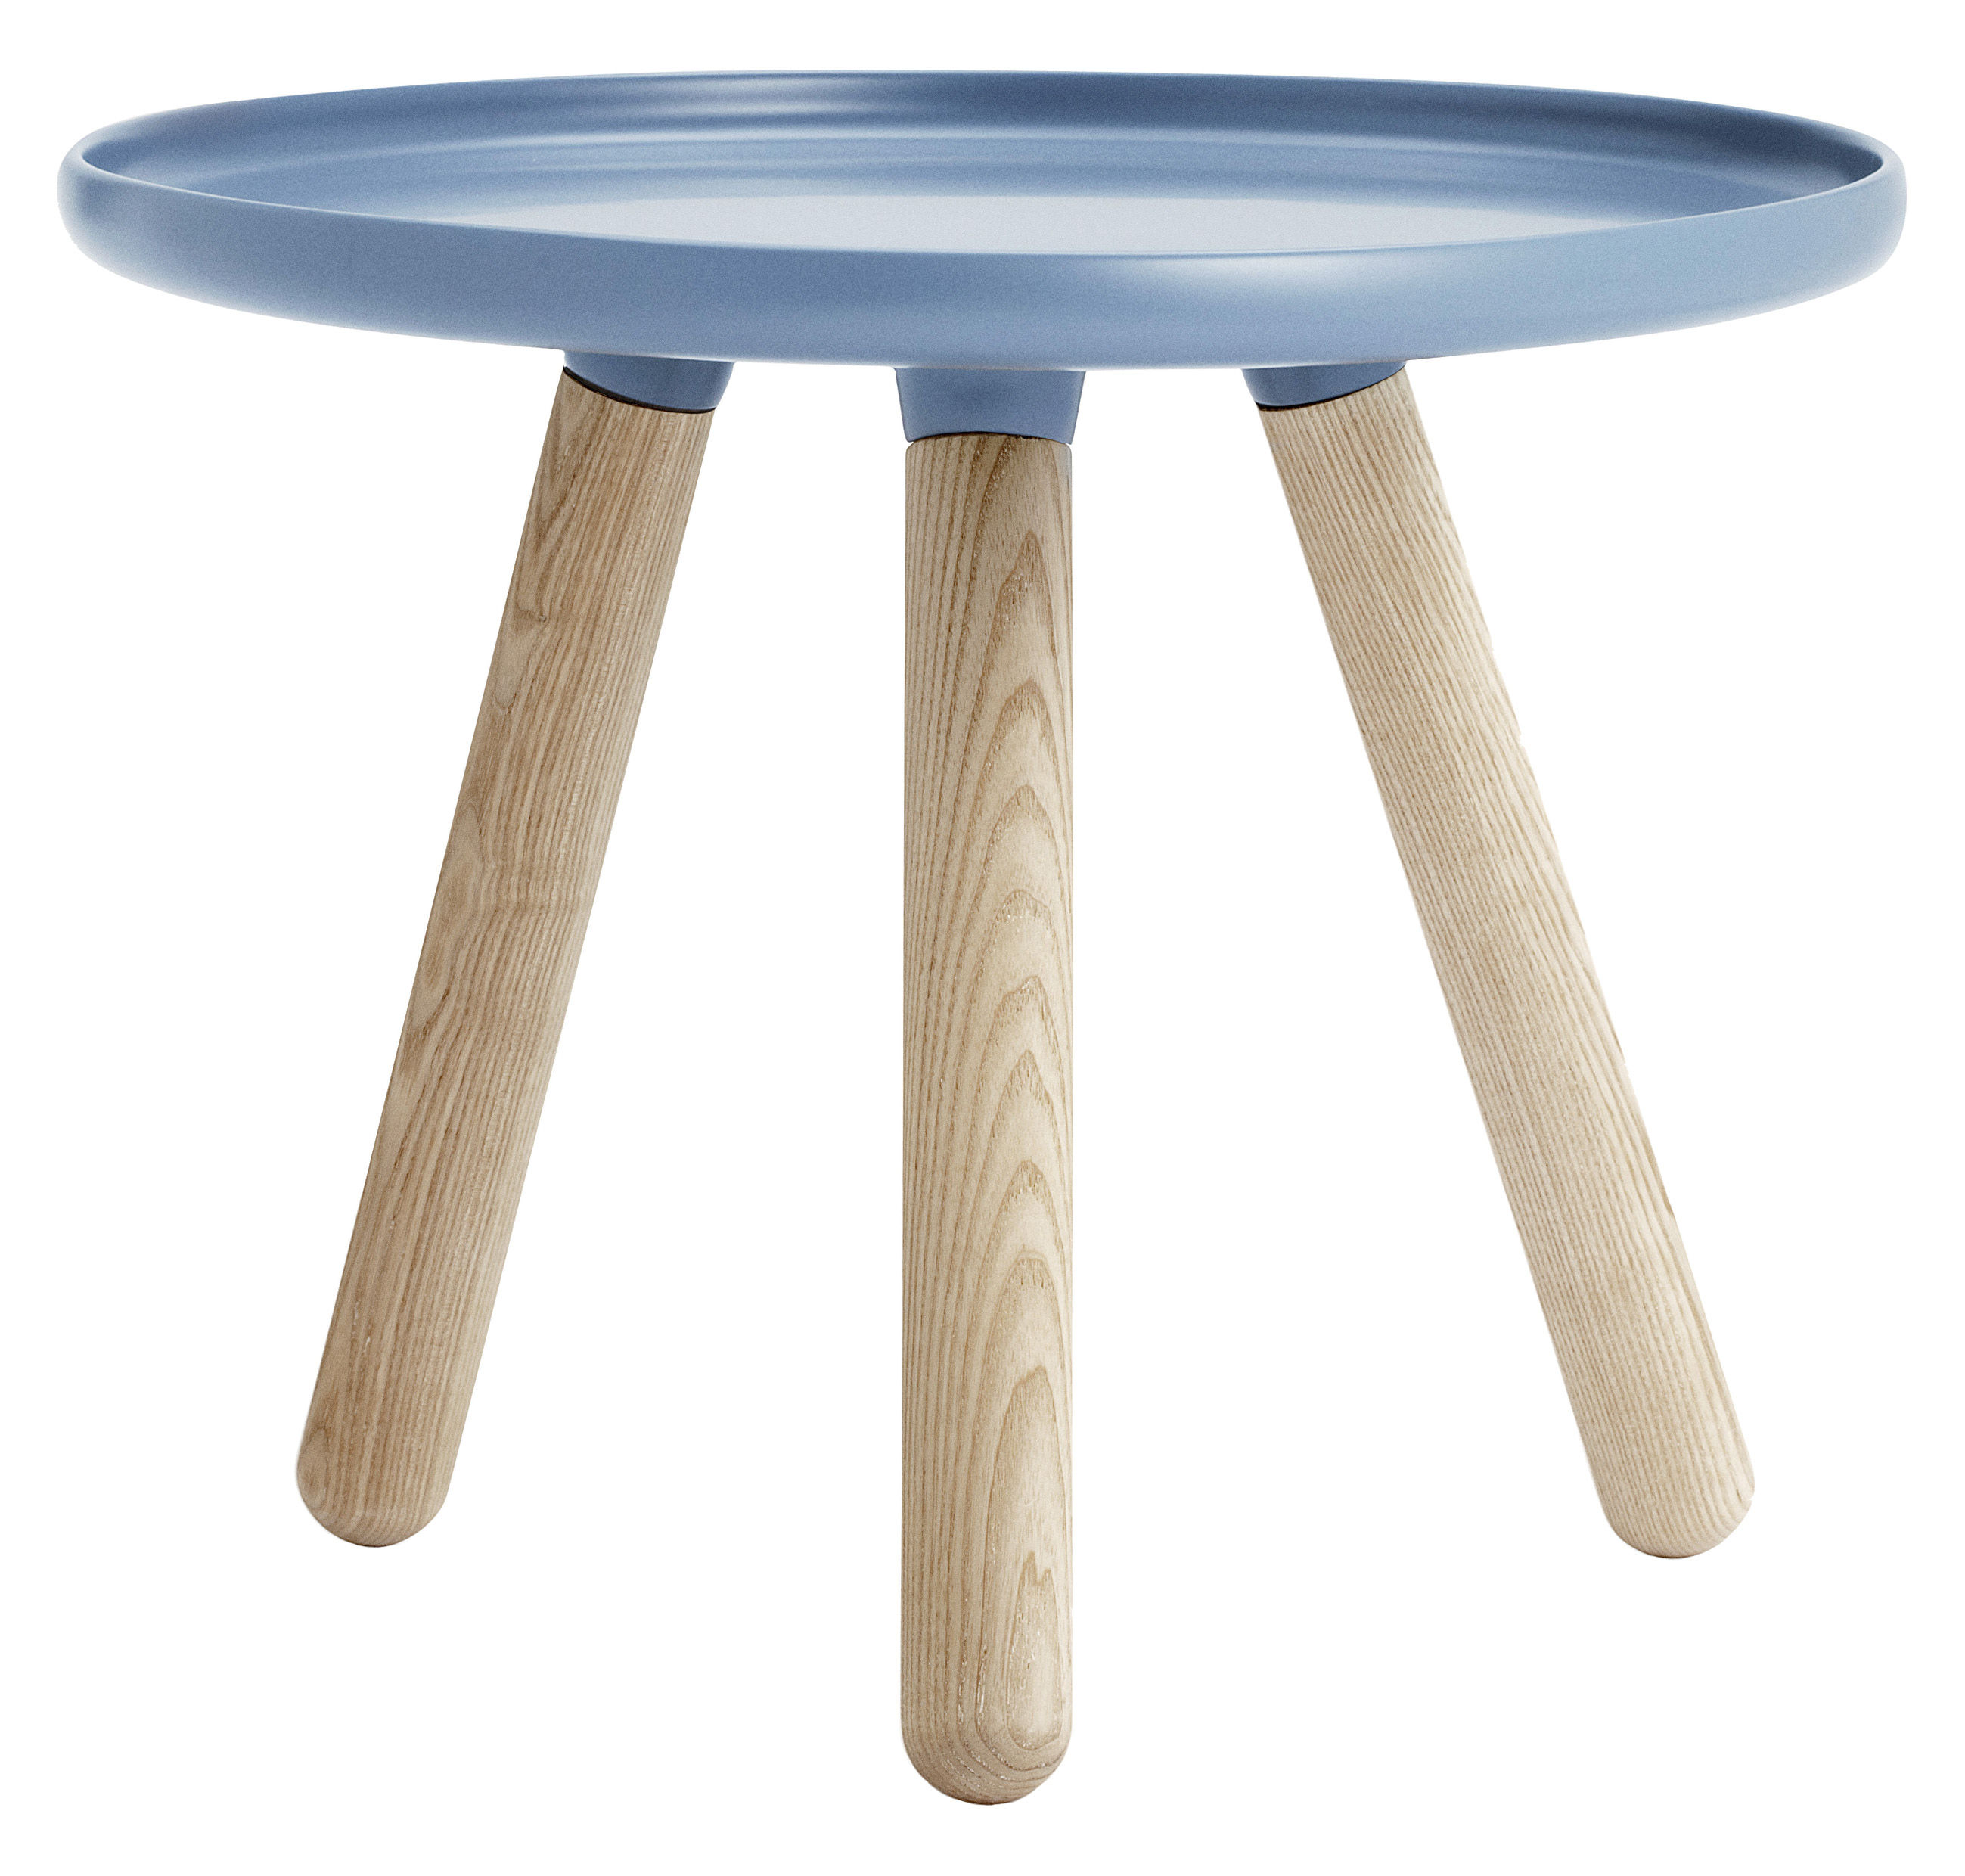 Mobilier - Tables basses - Table basse Tablo Small / Ø 50 cm - Normann Copenhagen - Bleu - Frêne, Matériau composite